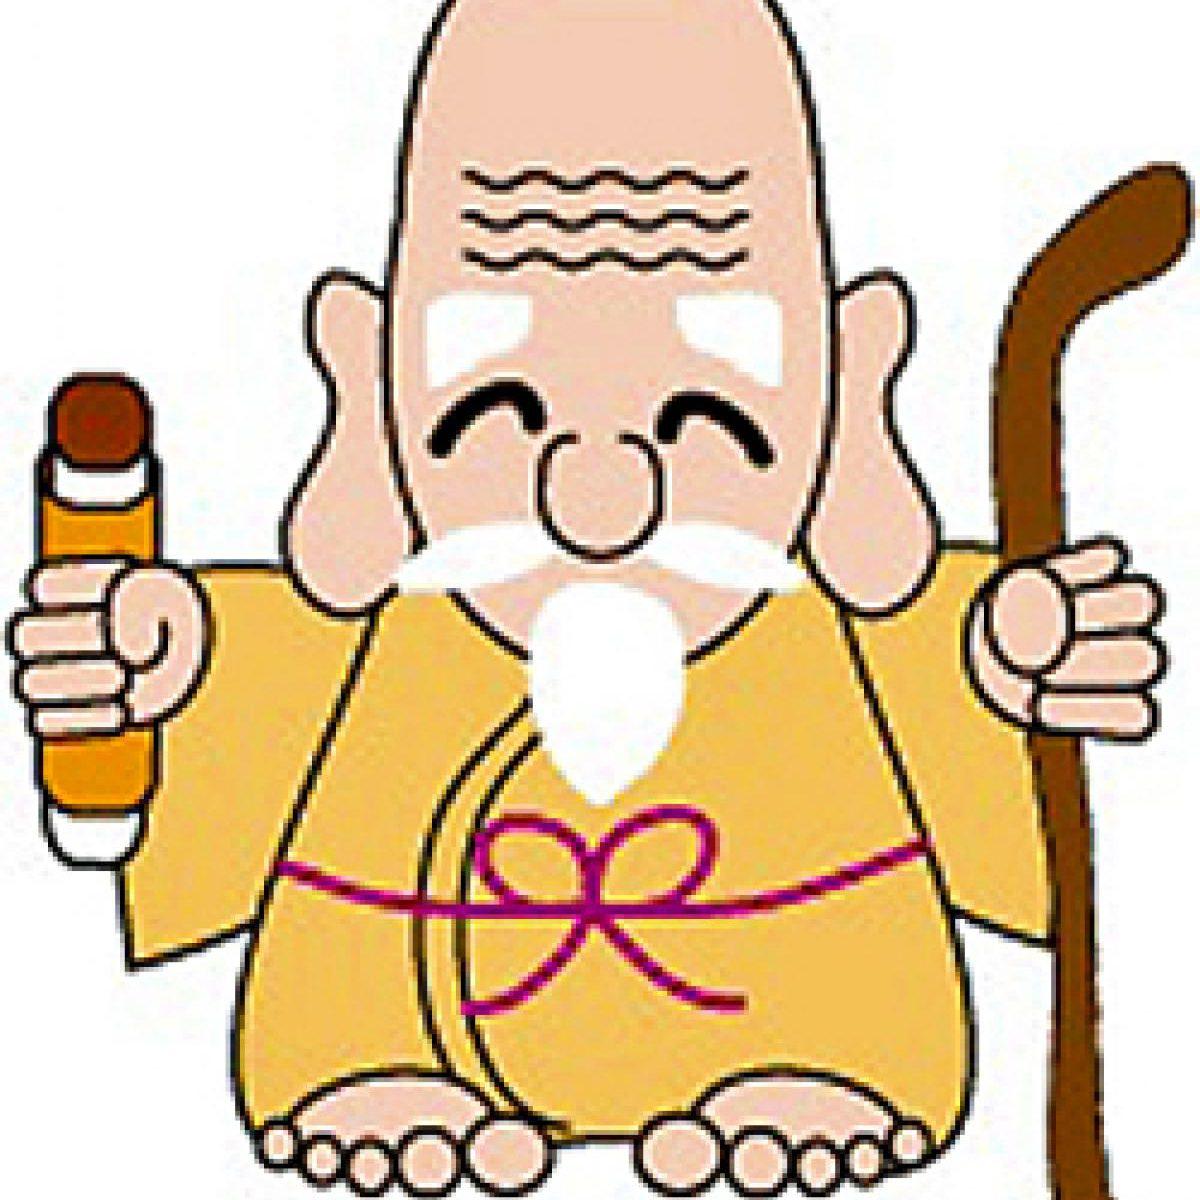 夢に出てくる老人は、あなたに秘められた知恵の象徴! 語られる内容に重要なヒントが!? 不思議な老人の夢